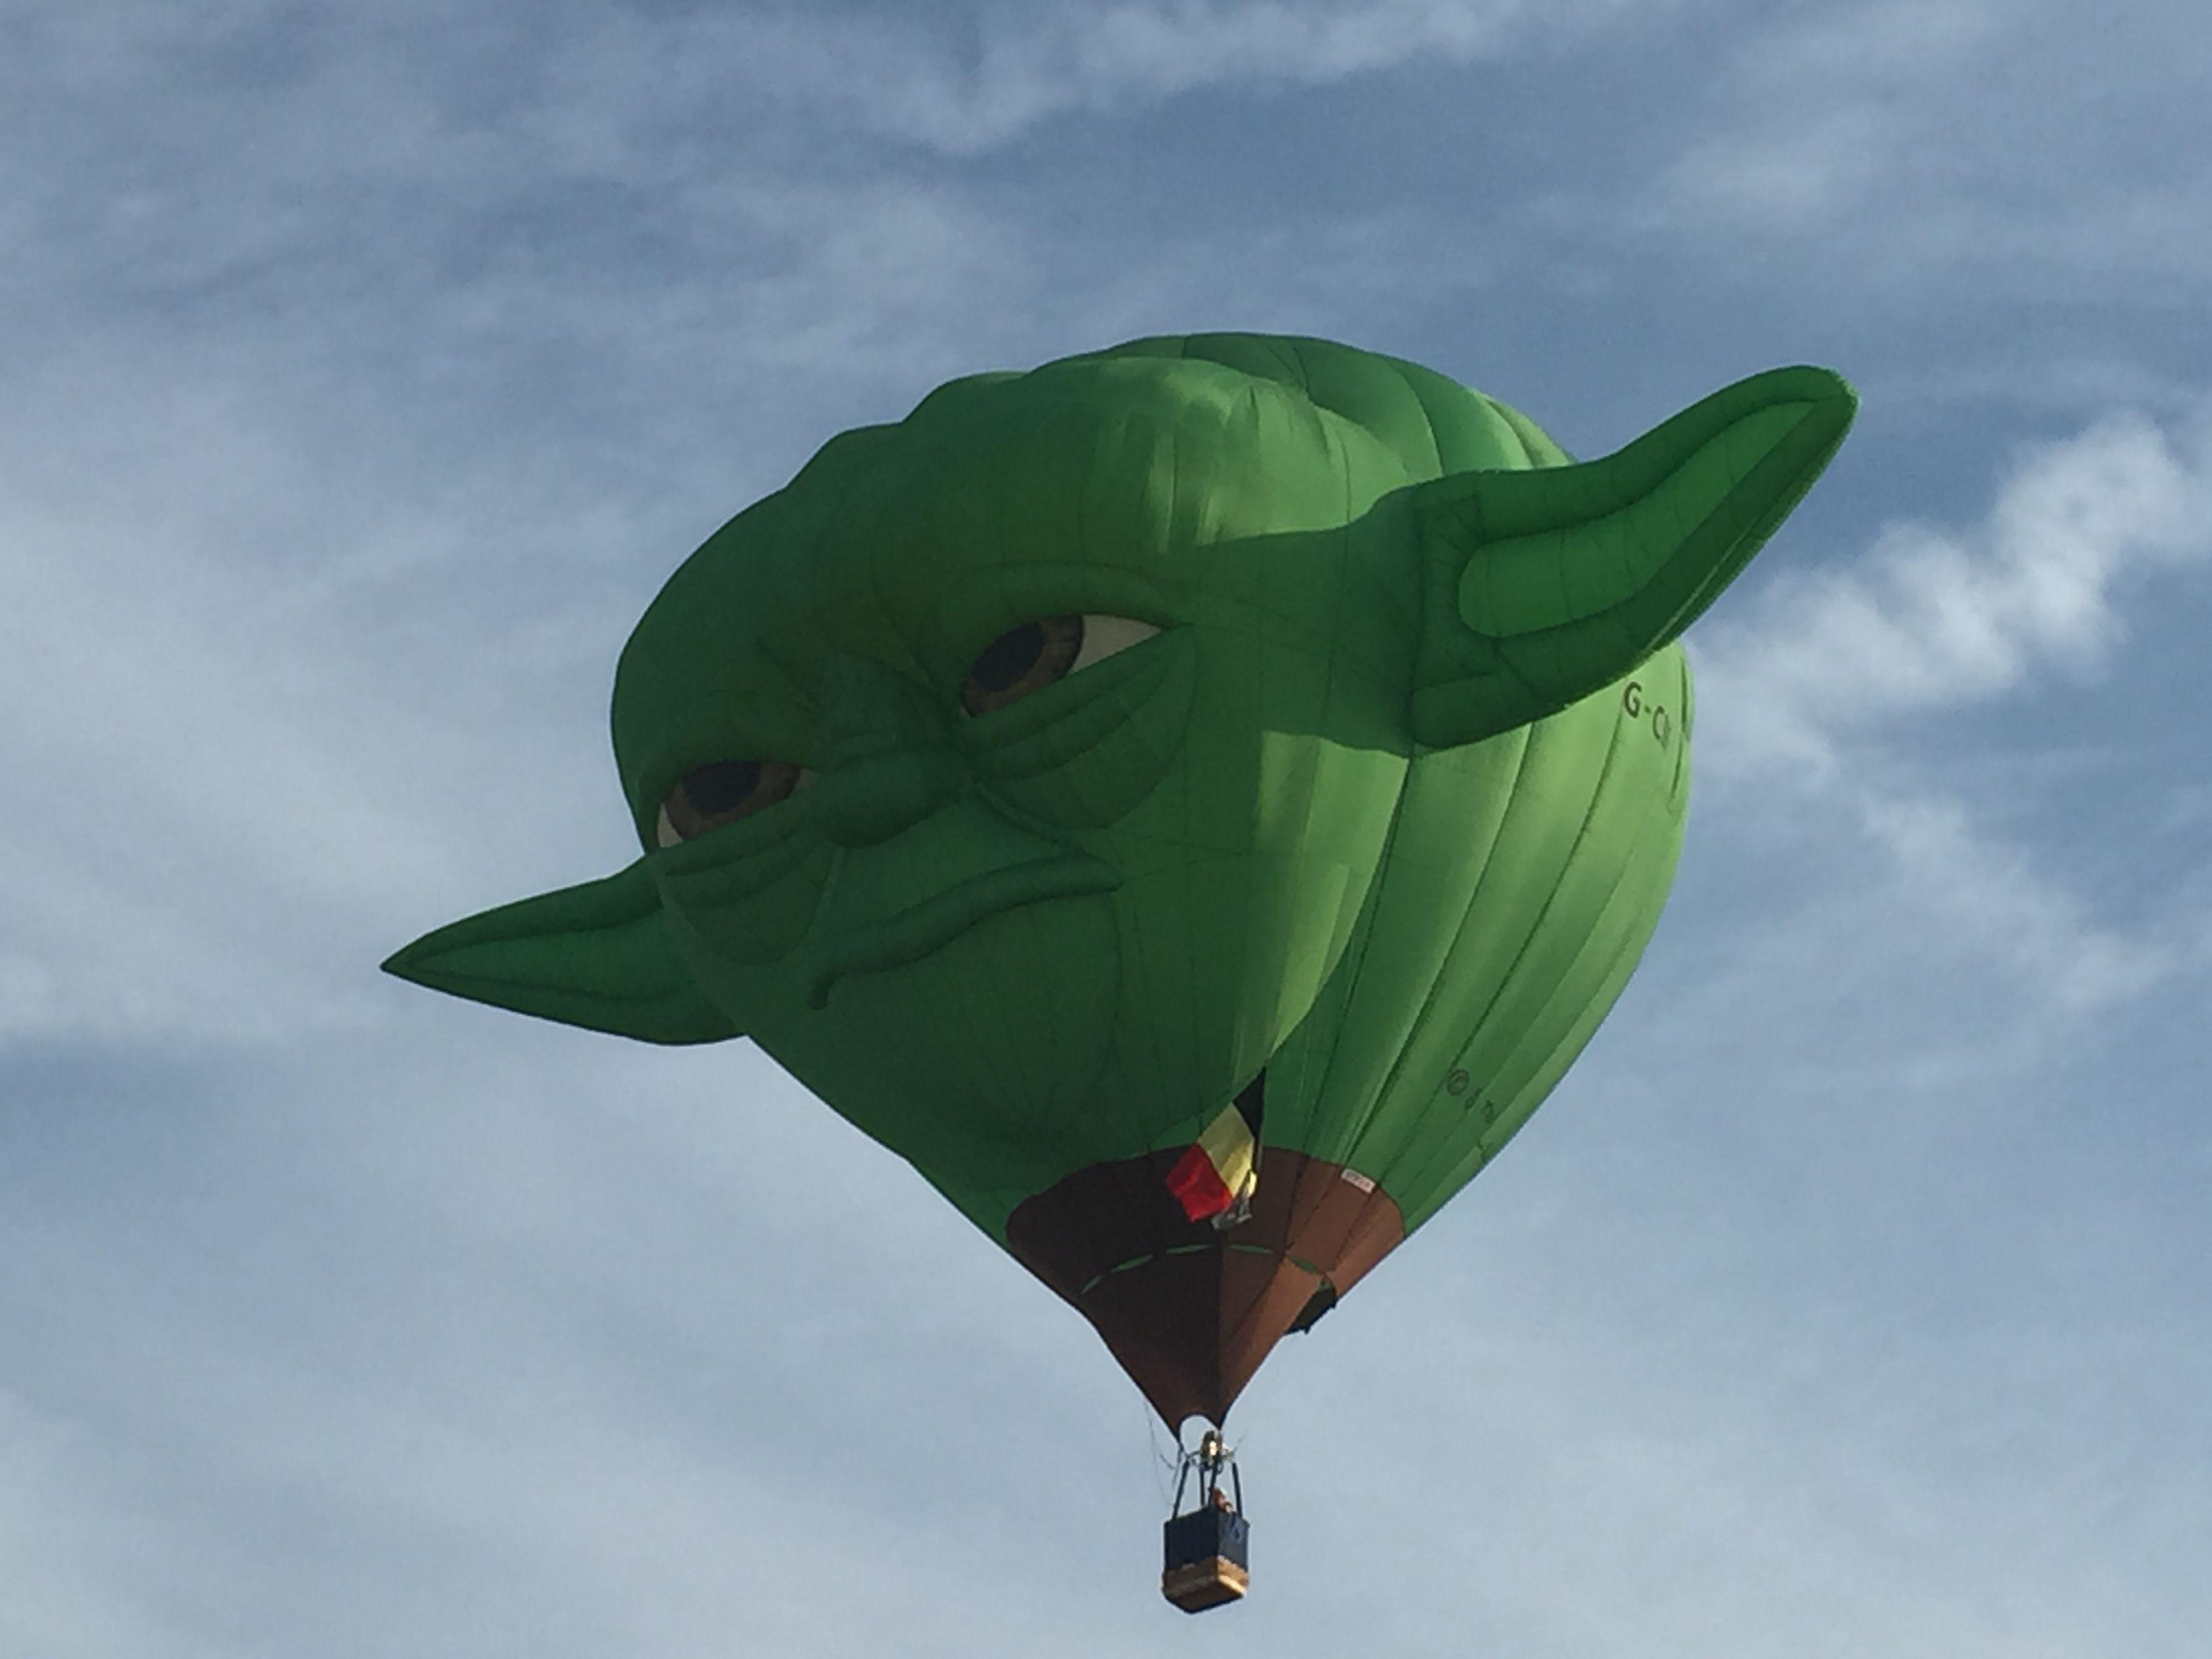 yoda balloon.jpg